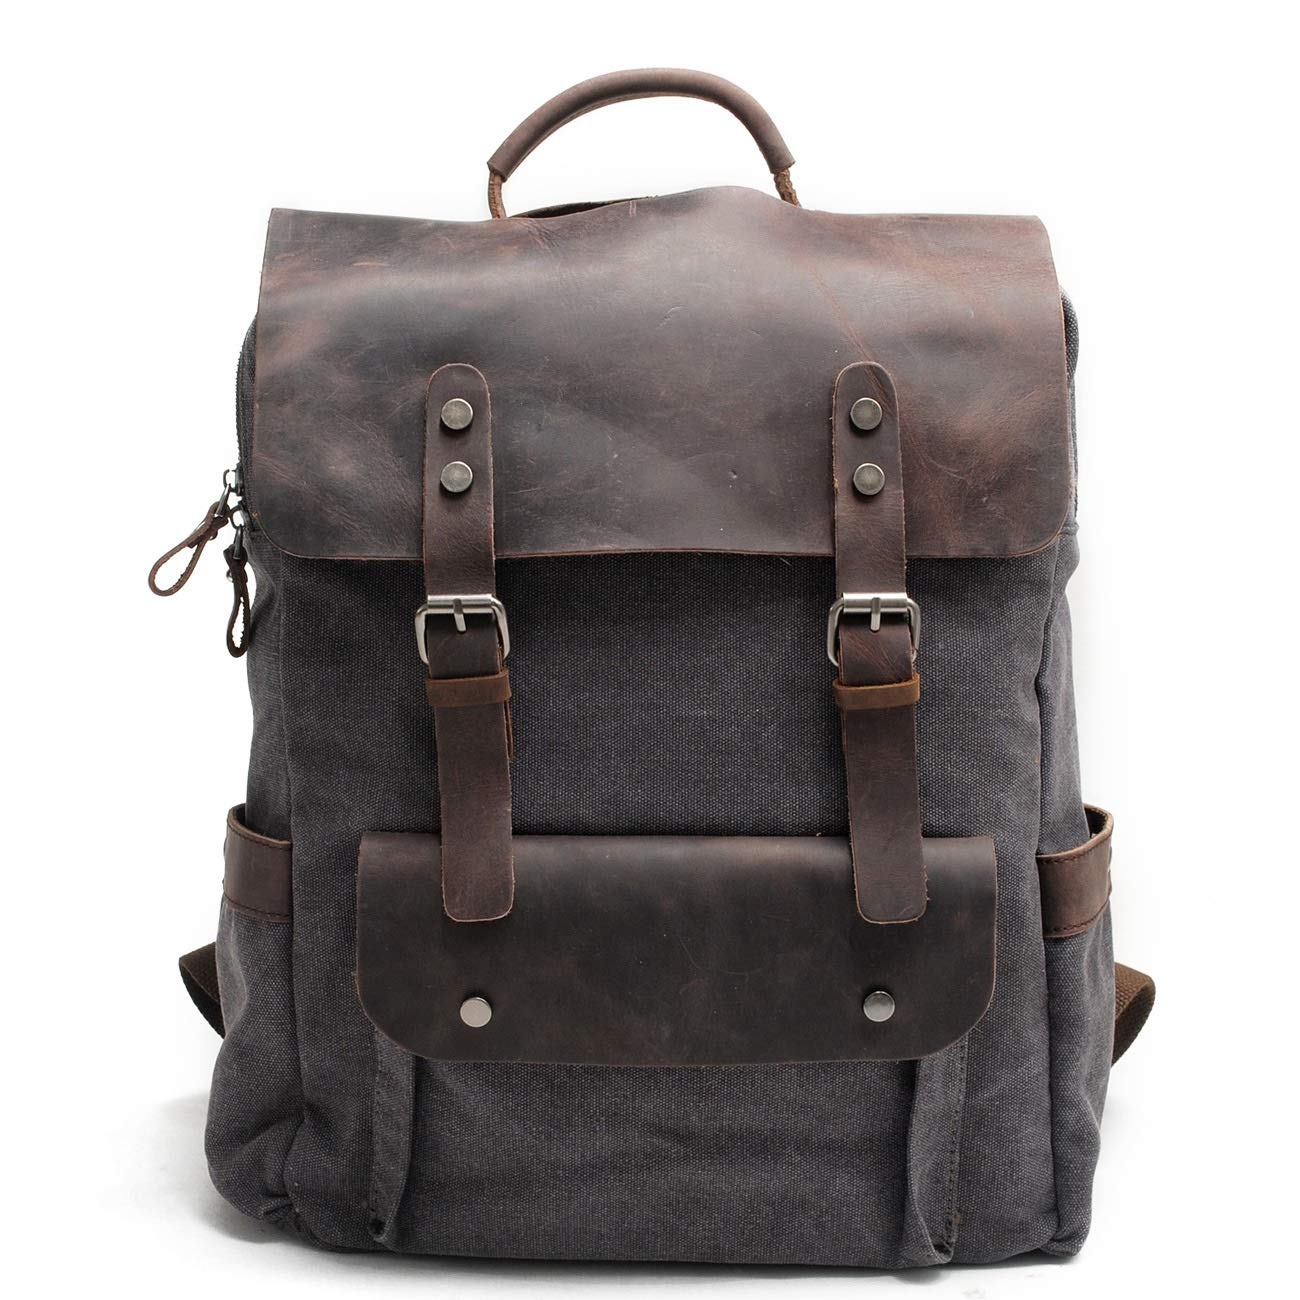 メンズバックパック シンプルでスタイリッシュなキャンバスバックパックファッション旅行バックパックスクールリュックサックカジュアルヴィンテージデイパック (色 : 暗灰色) B07P468FBG 暗灰色